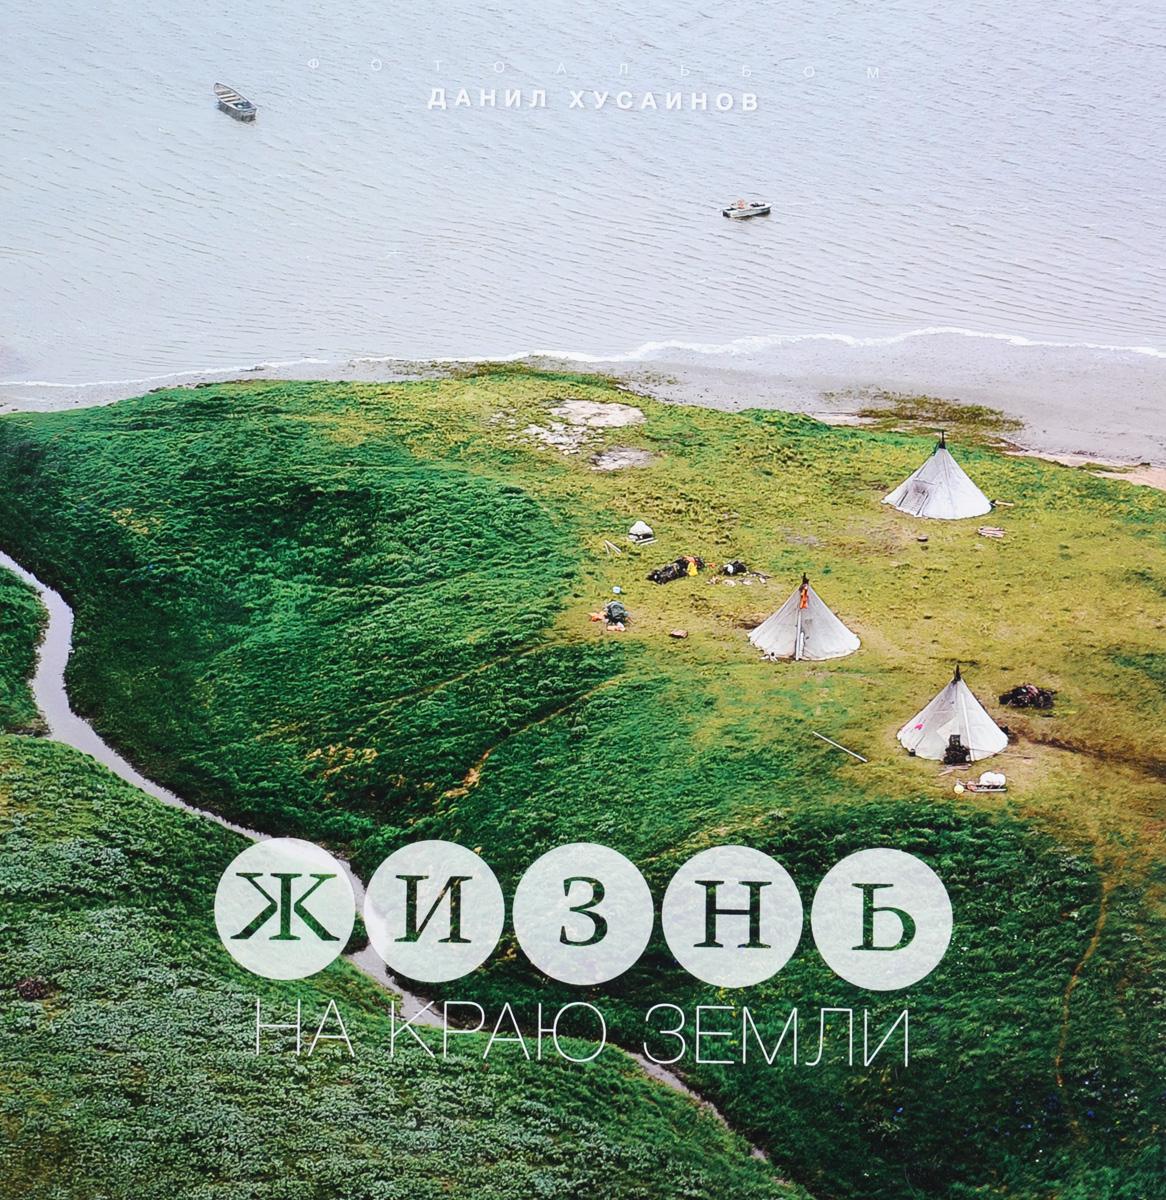 Данил Хусаинов Жизнь на краю Земли. Фотоальбом